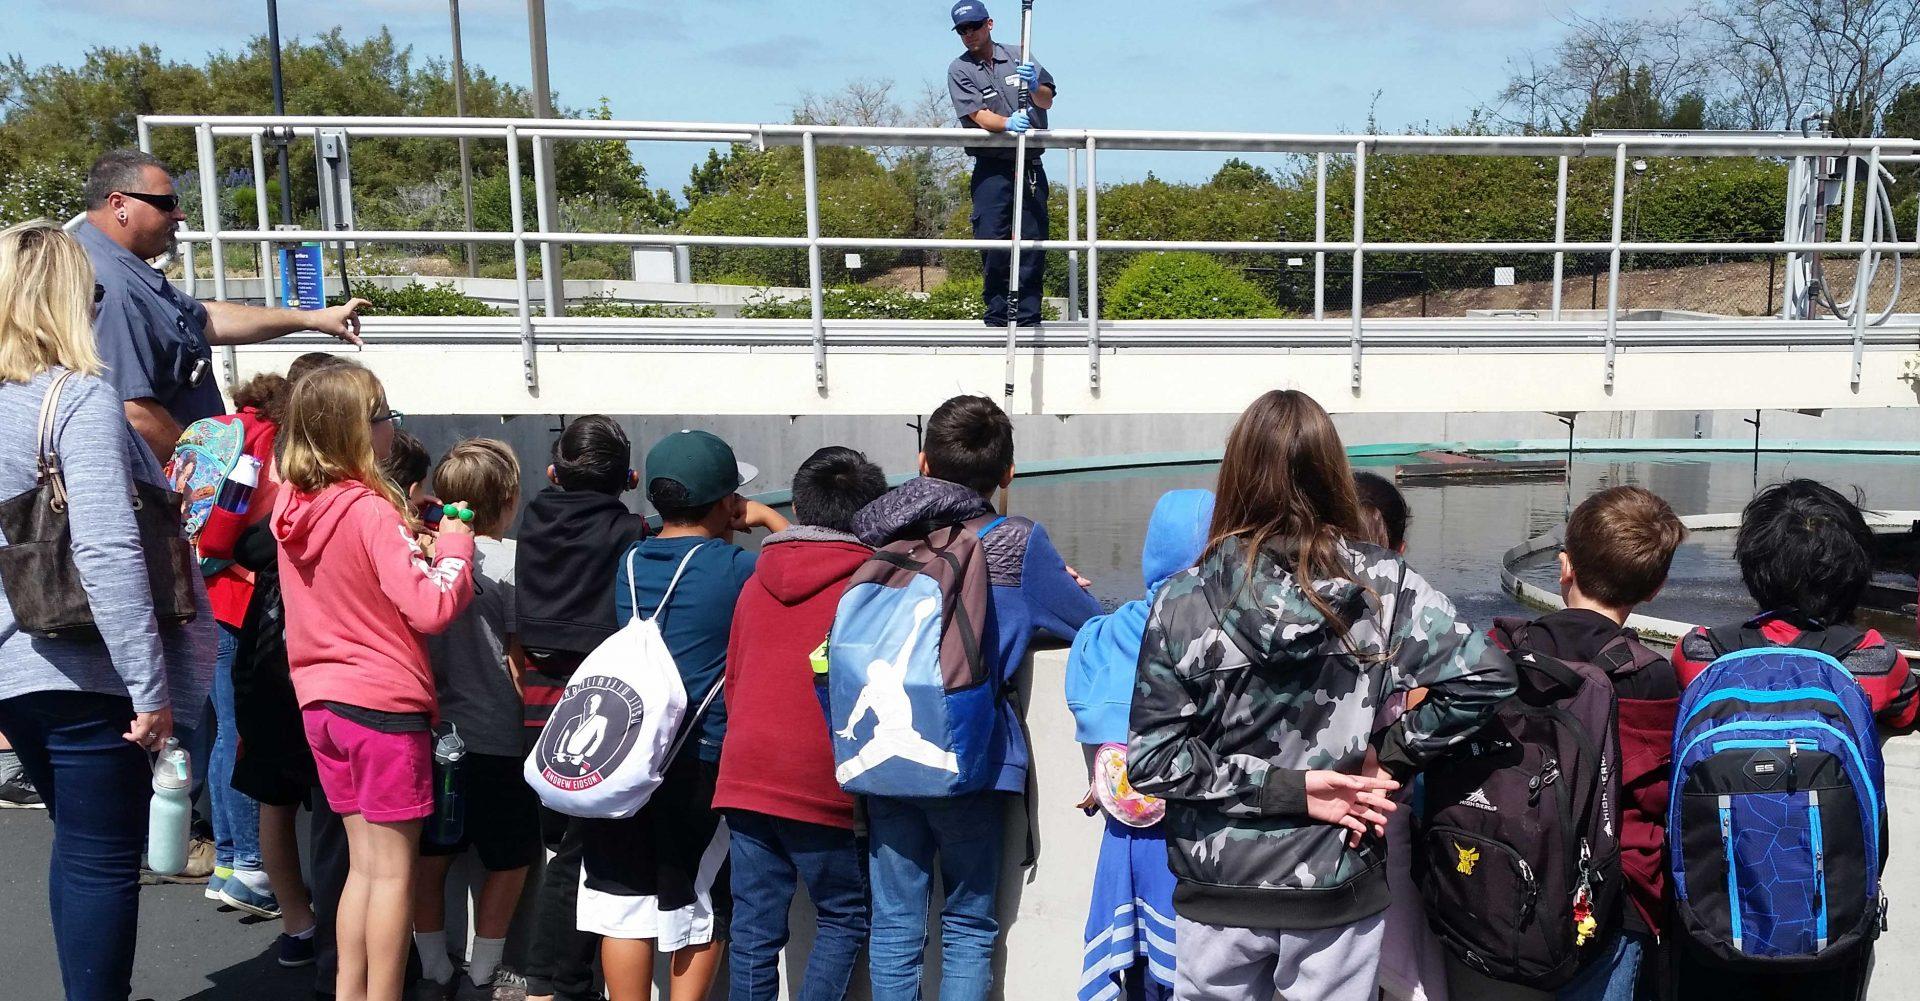 Children stand around clarifier at water treatment plant